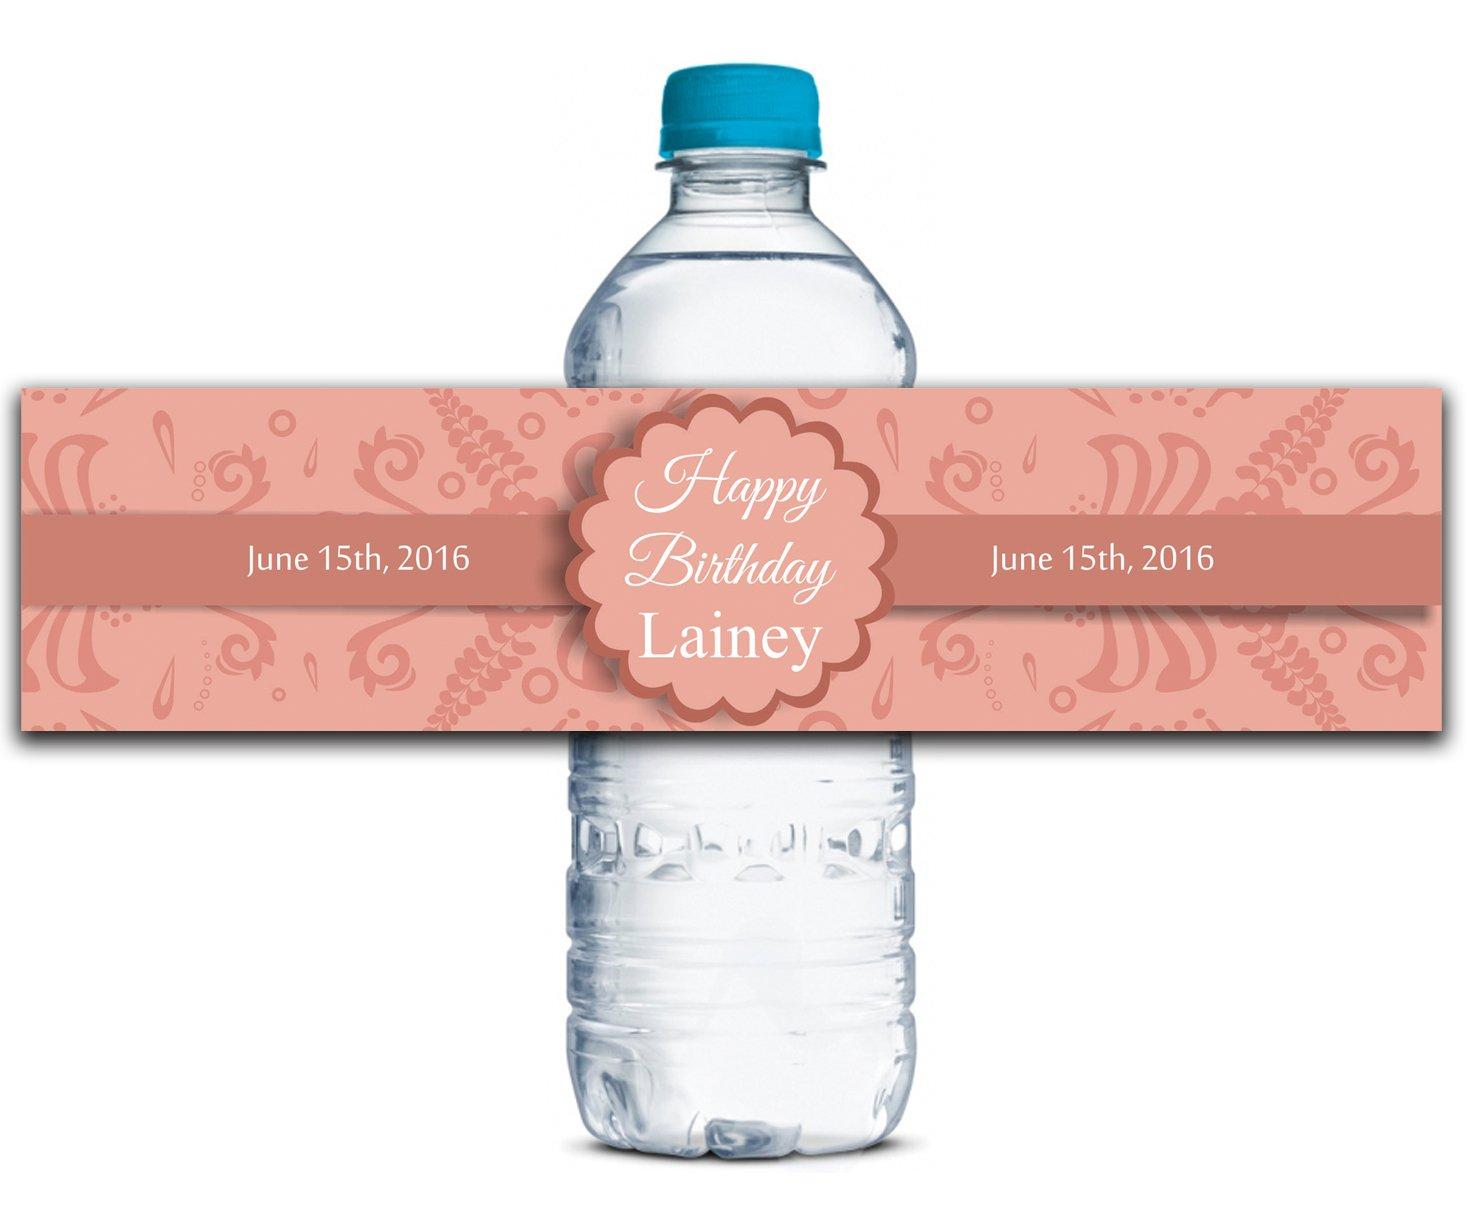 Kundenspezifische Wasserflasche Etiketten Selbstklebende wasserdichte Personalisierte Geburtstags-Aufkleber 8    x 2  Zoll - 50 Etiketten B01A0W5AIE | Verkauf Online-Shop  78a425